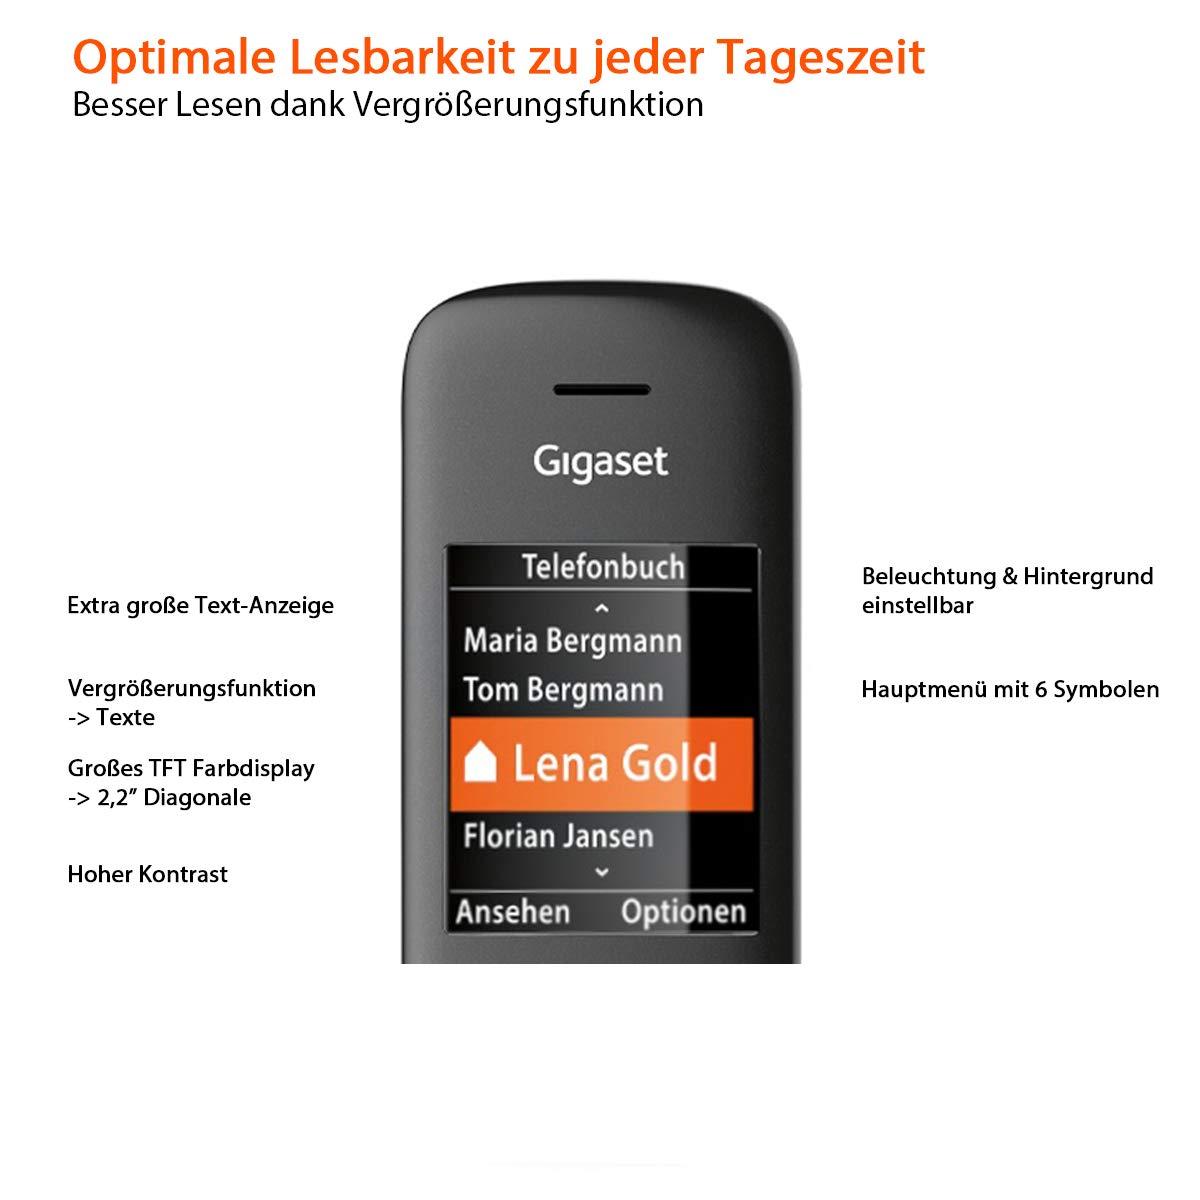 schwarz Gigaset C570A Duo 2 schnurlose Telefone mit Anrufbeantworter Komfort mit gro/ßer Nummernanzeige, DECT-Telefone mit Farbdisplay, einfache Bedienung